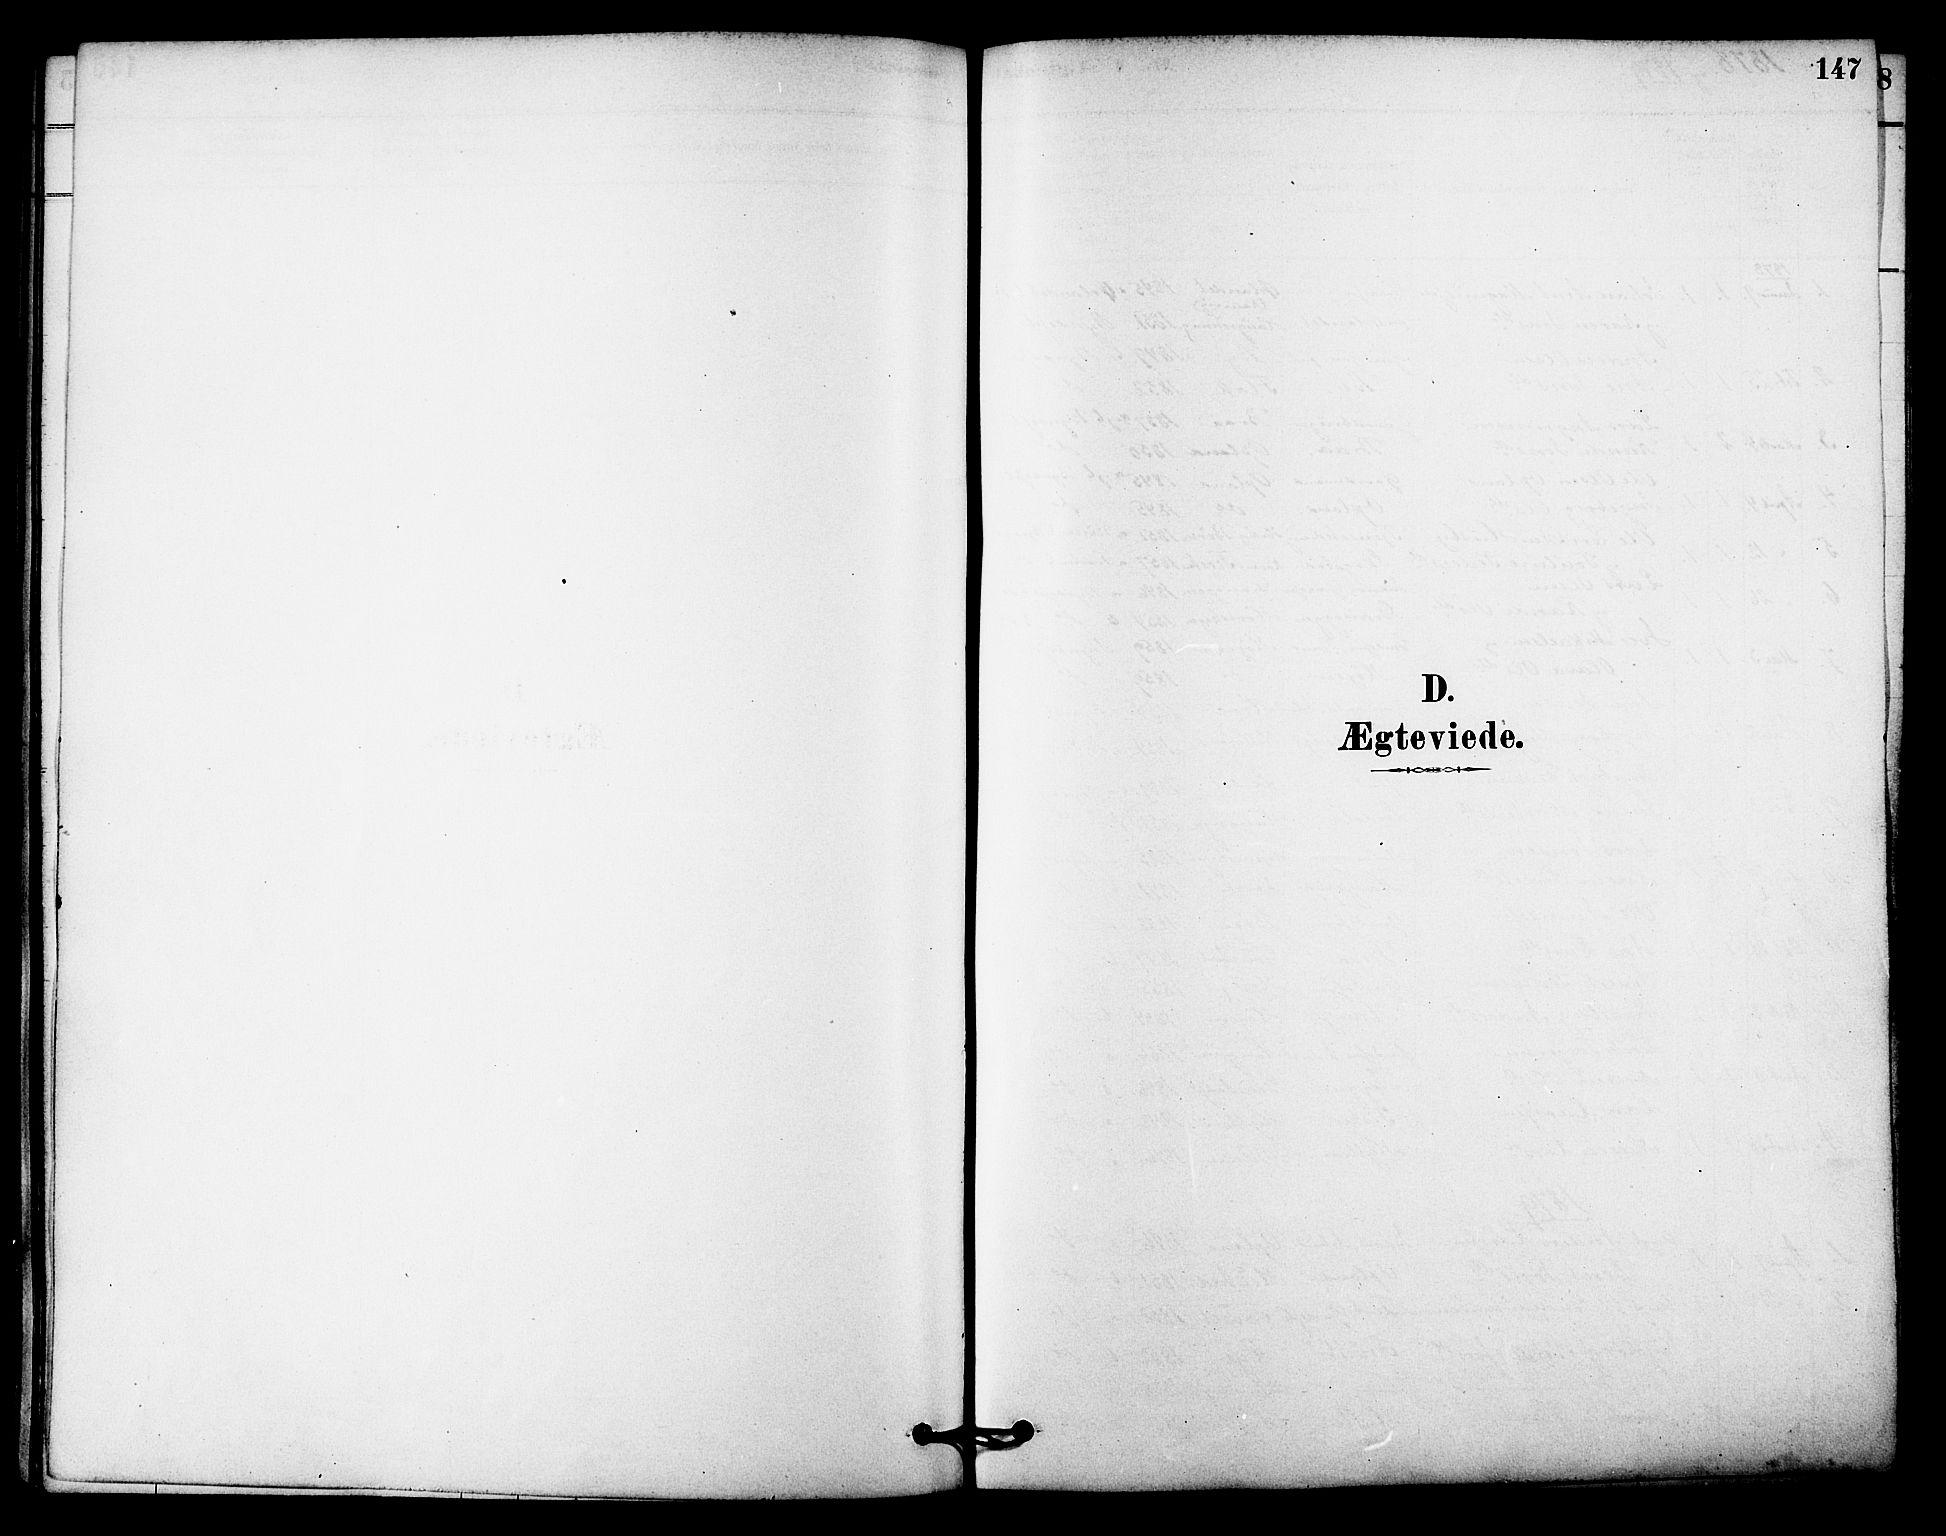 SAT, Ministerialprotokoller, klokkerbøker og fødselsregistre - Sør-Trøndelag, 612/L0378: Ministerialbok nr. 612A10, 1878-1897, s. 147